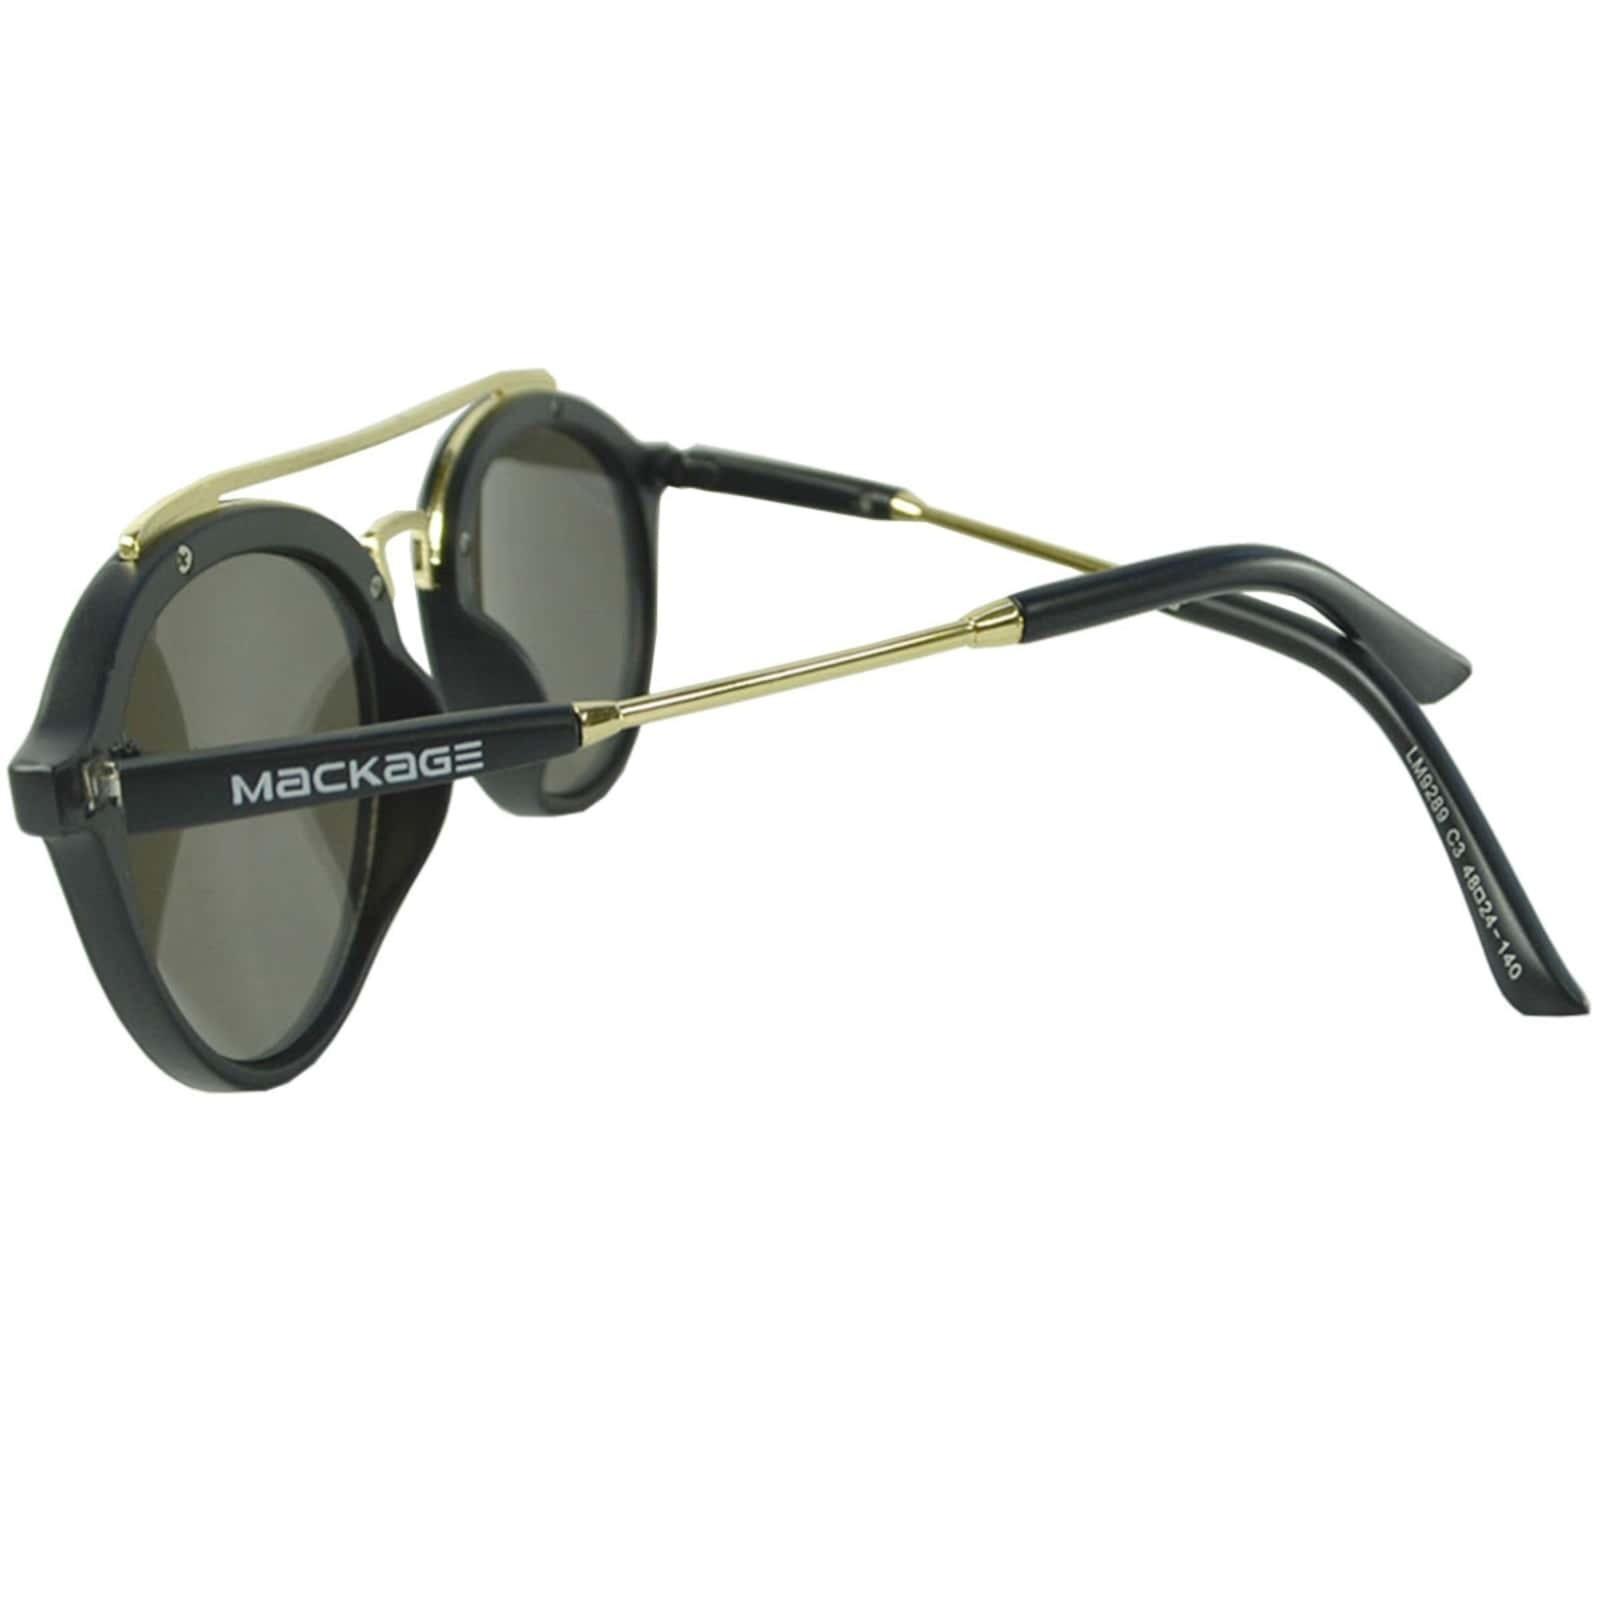 Óculos De Sol Mackage Unissex Acetato Redondo - Preto